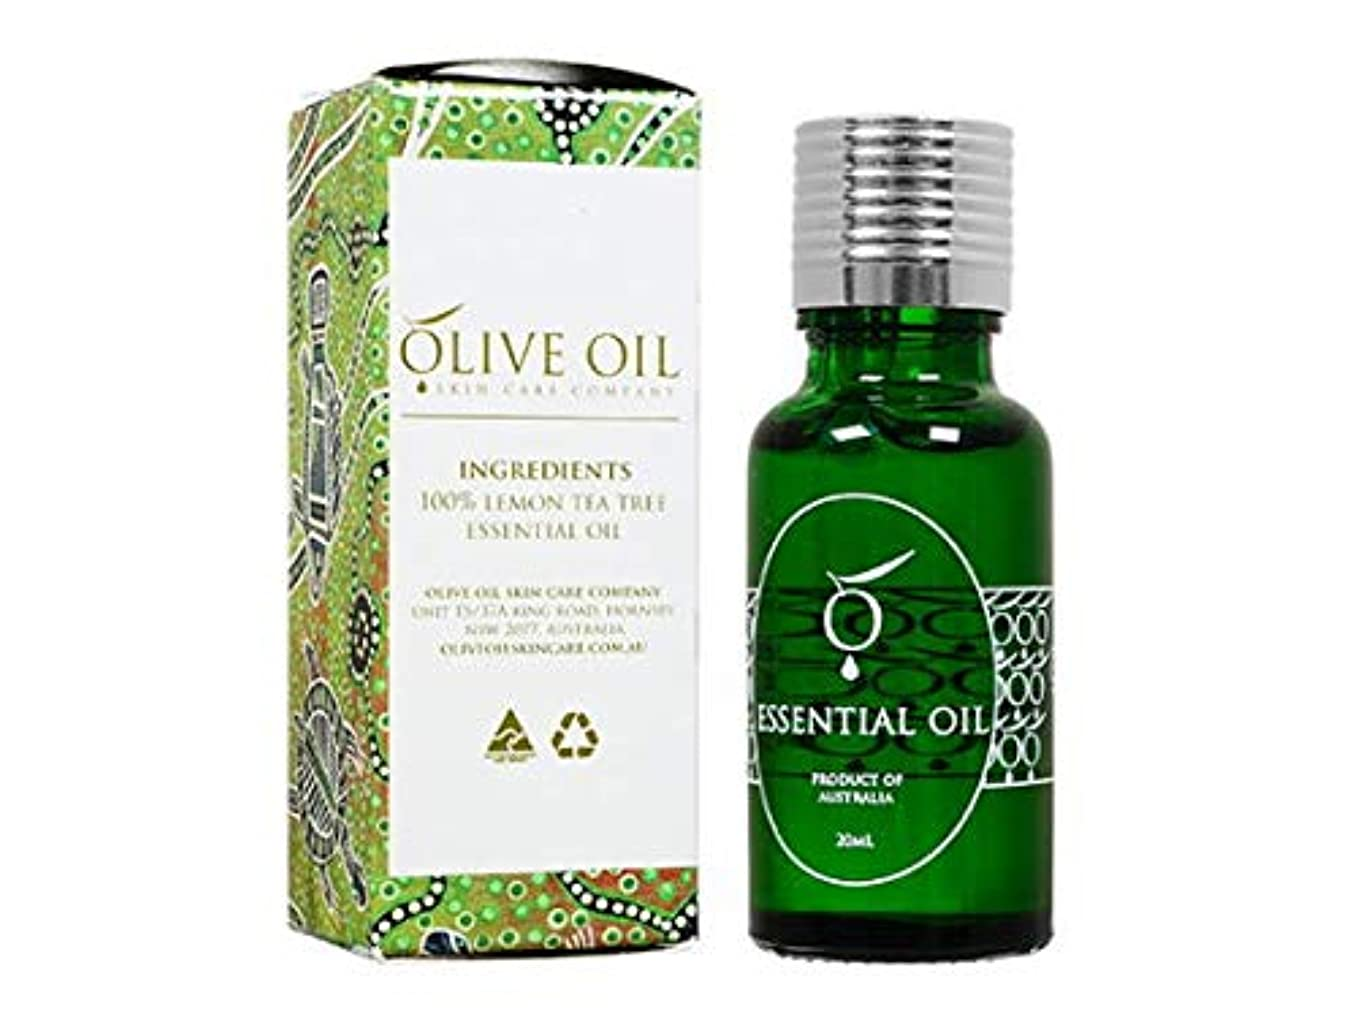 店主費用立法OliveOil エッセンシャルオイル?レモンティーツリー 20ml (OliveOil) Essential Oil (Lemon Tea Tree) Made in Australia